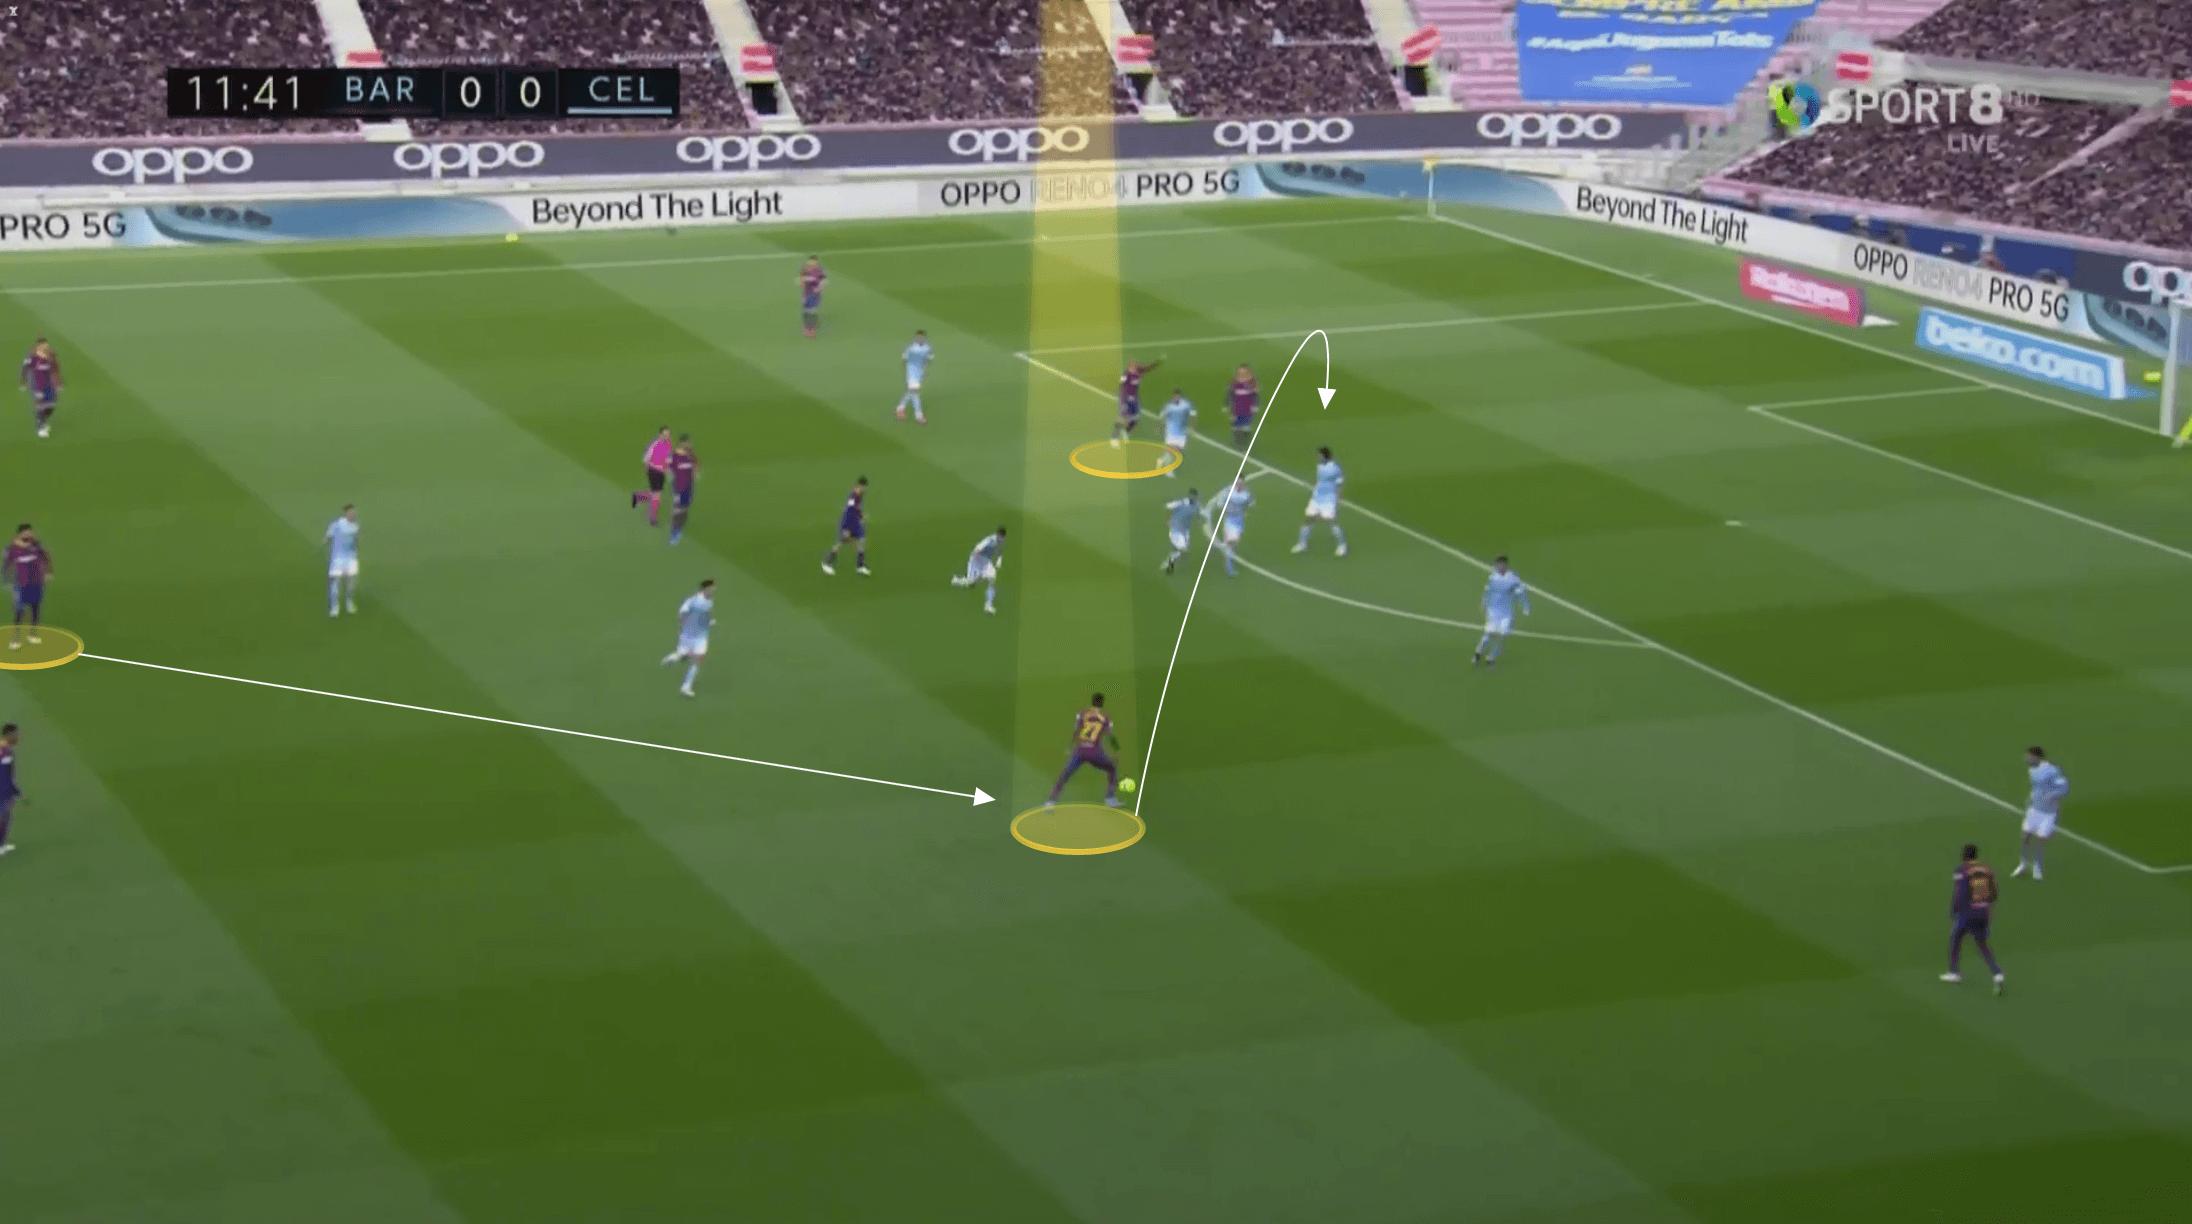 Bundesliga 2021/22: Ilaix Moriba at RB Leipzig - scout report tactical analysis tactics